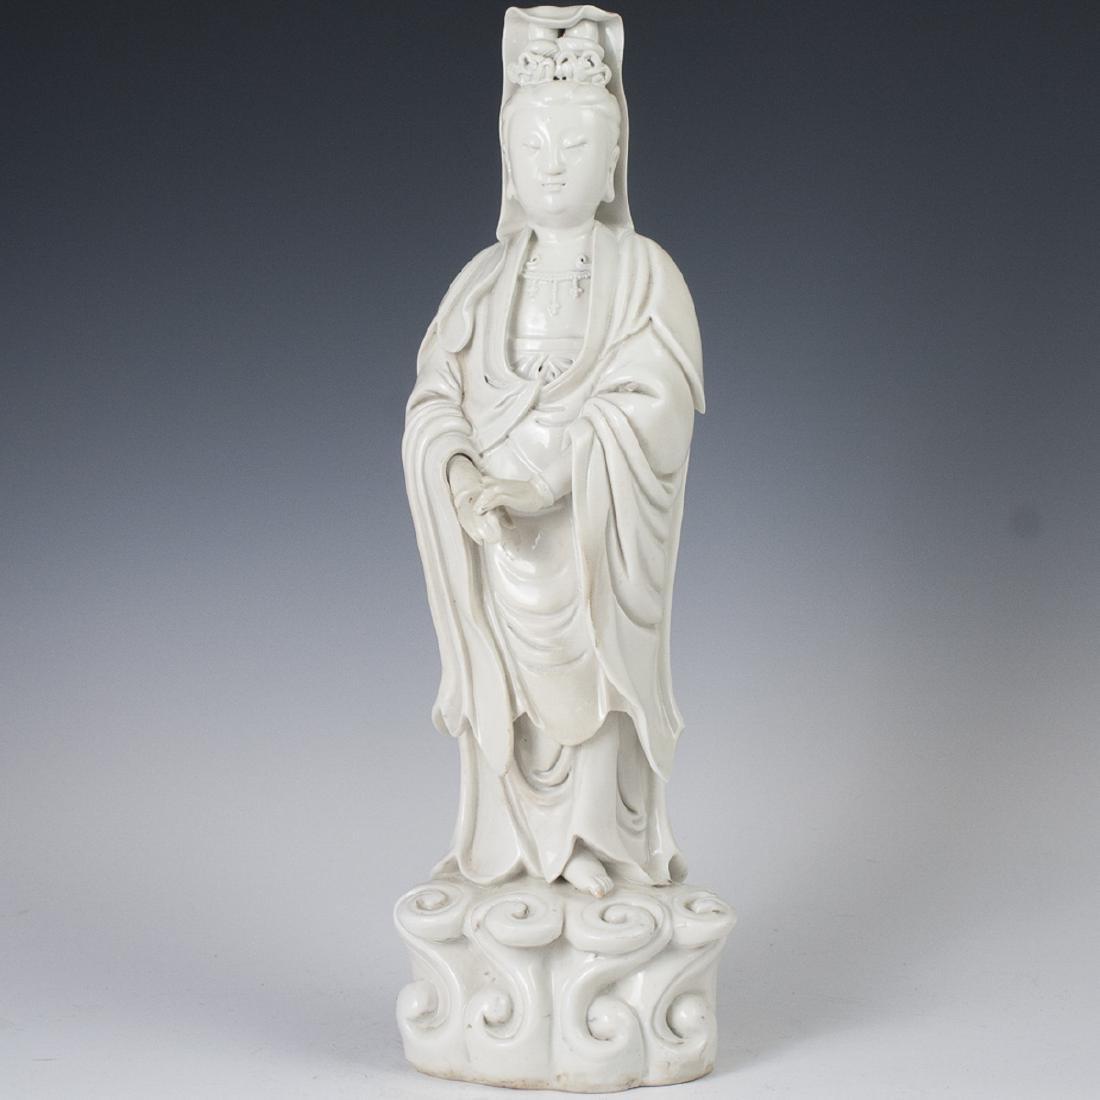 Antique Chinese Blanc De Chine Guanyin